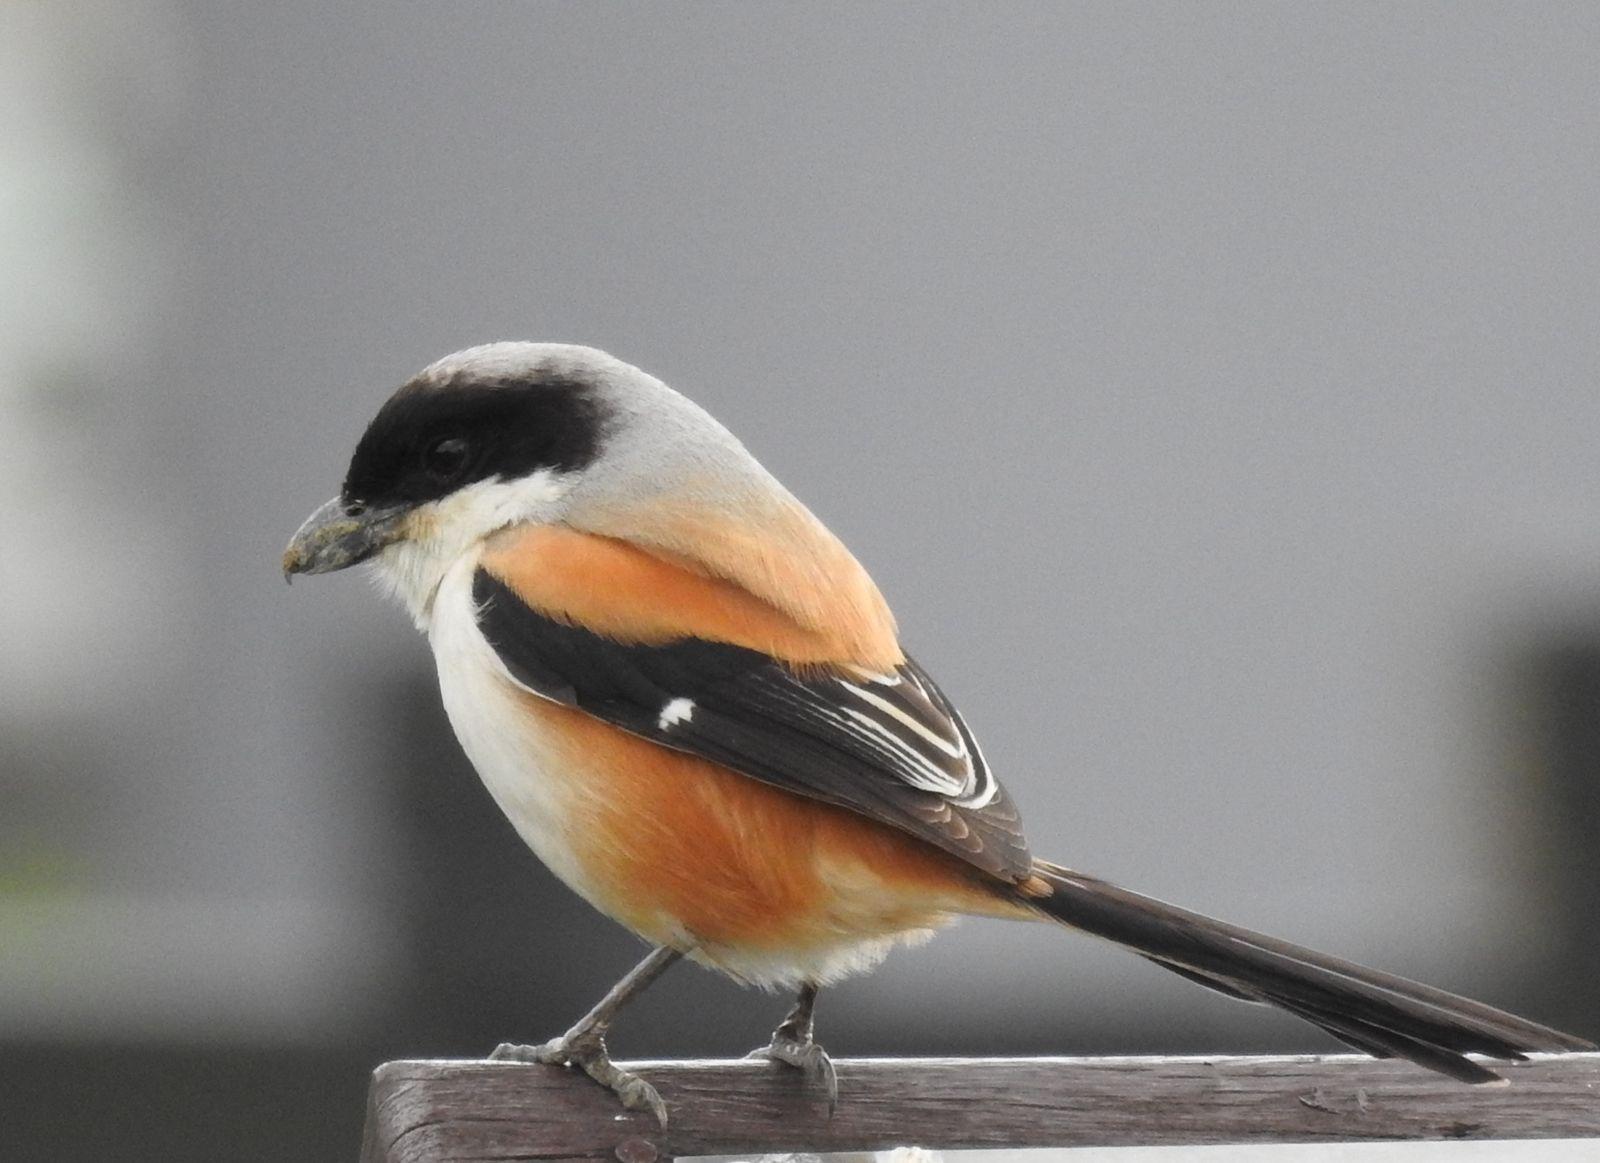 Pin by 曼玲 葉 on 土壤 Animals, Birds